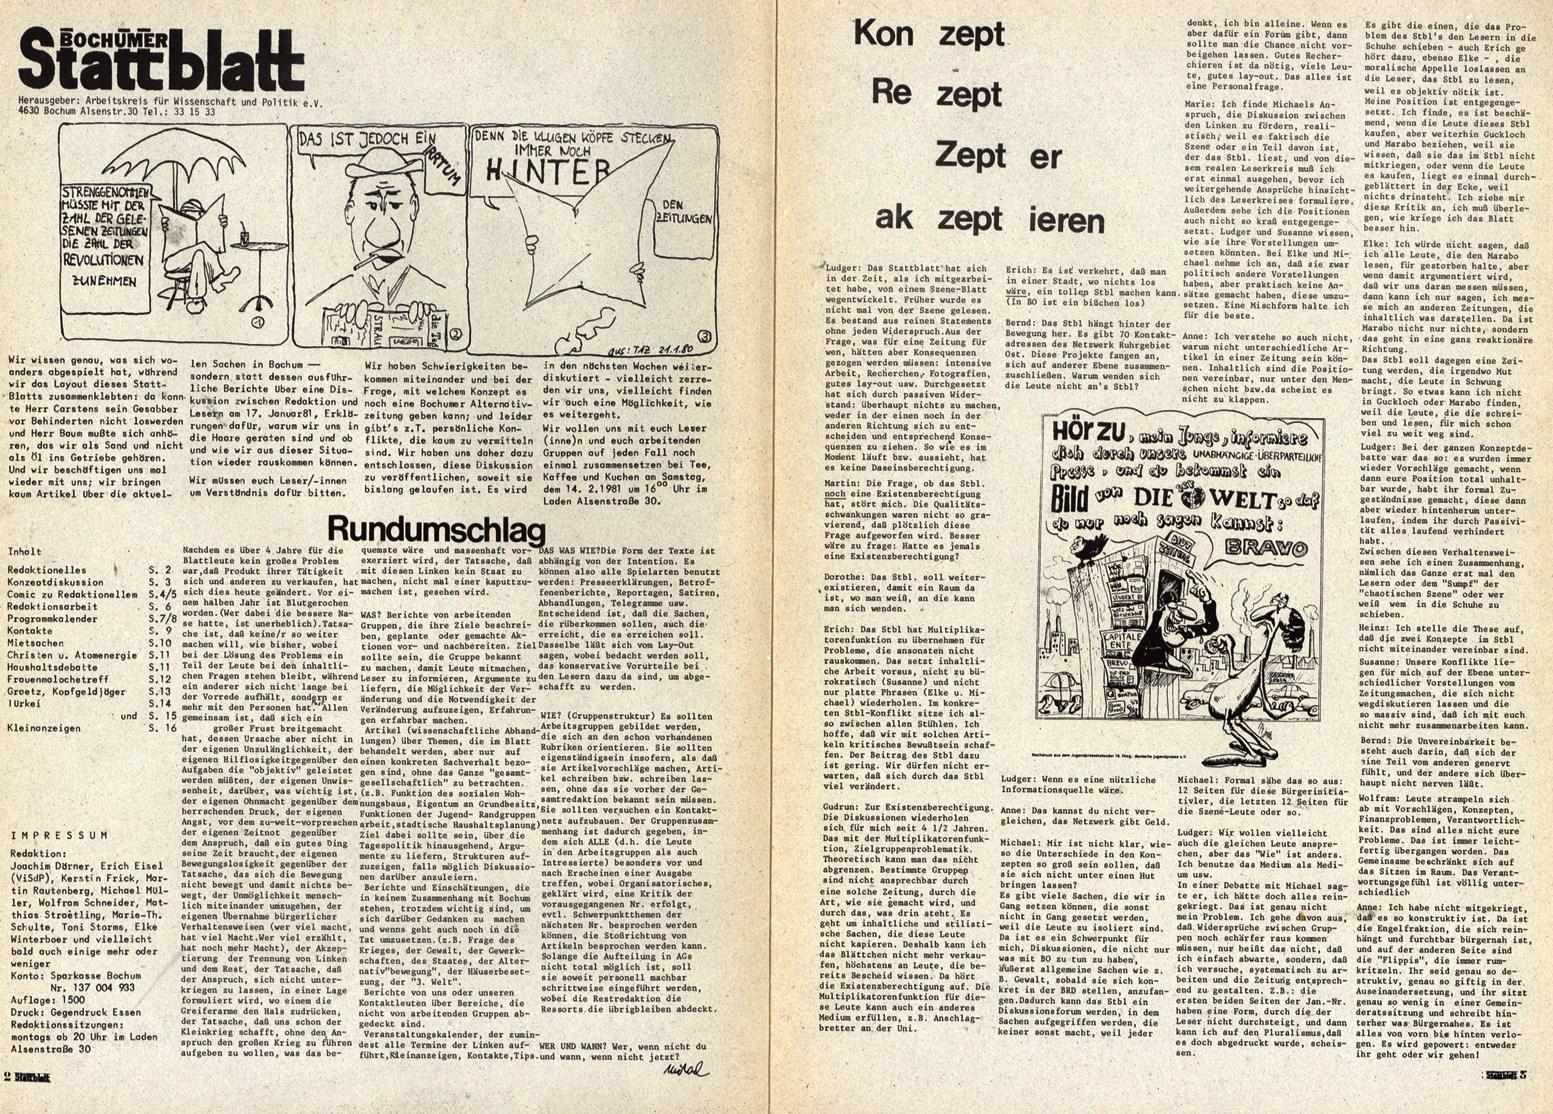 Bochum_Stattblatt_19810200_45_09